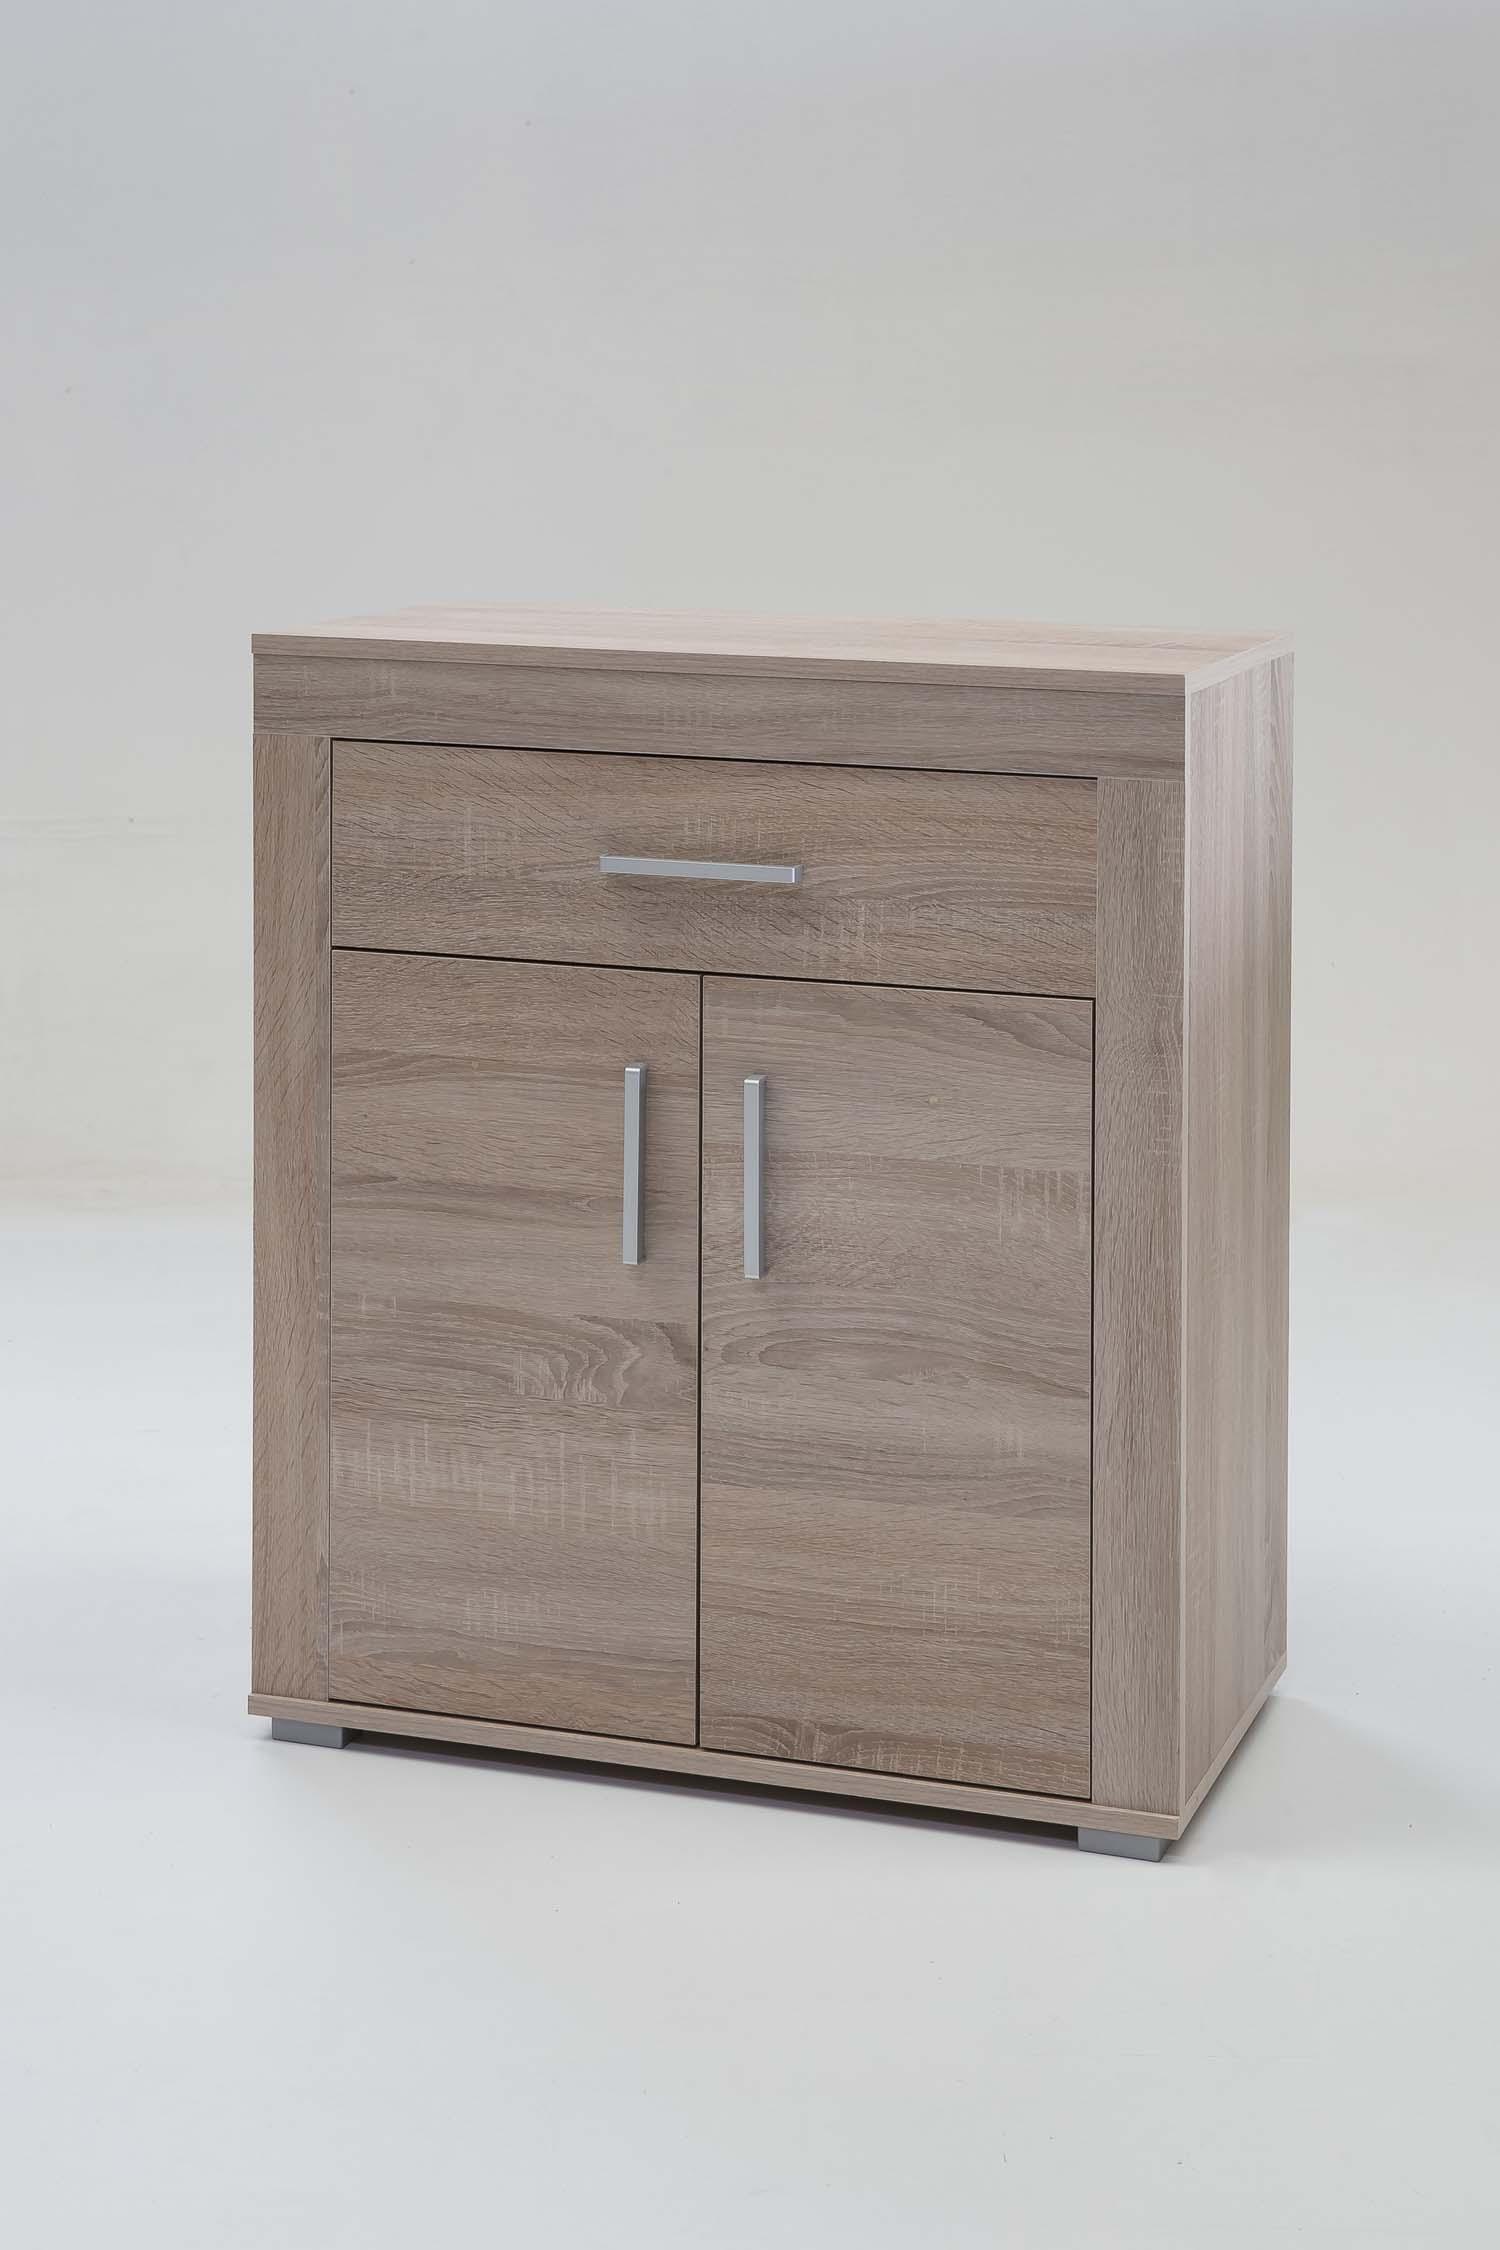 schuhschrank garderobe spiegel flurset garderobenset diele wei eiche tr ffel ebay. Black Bedroom Furniture Sets. Home Design Ideas